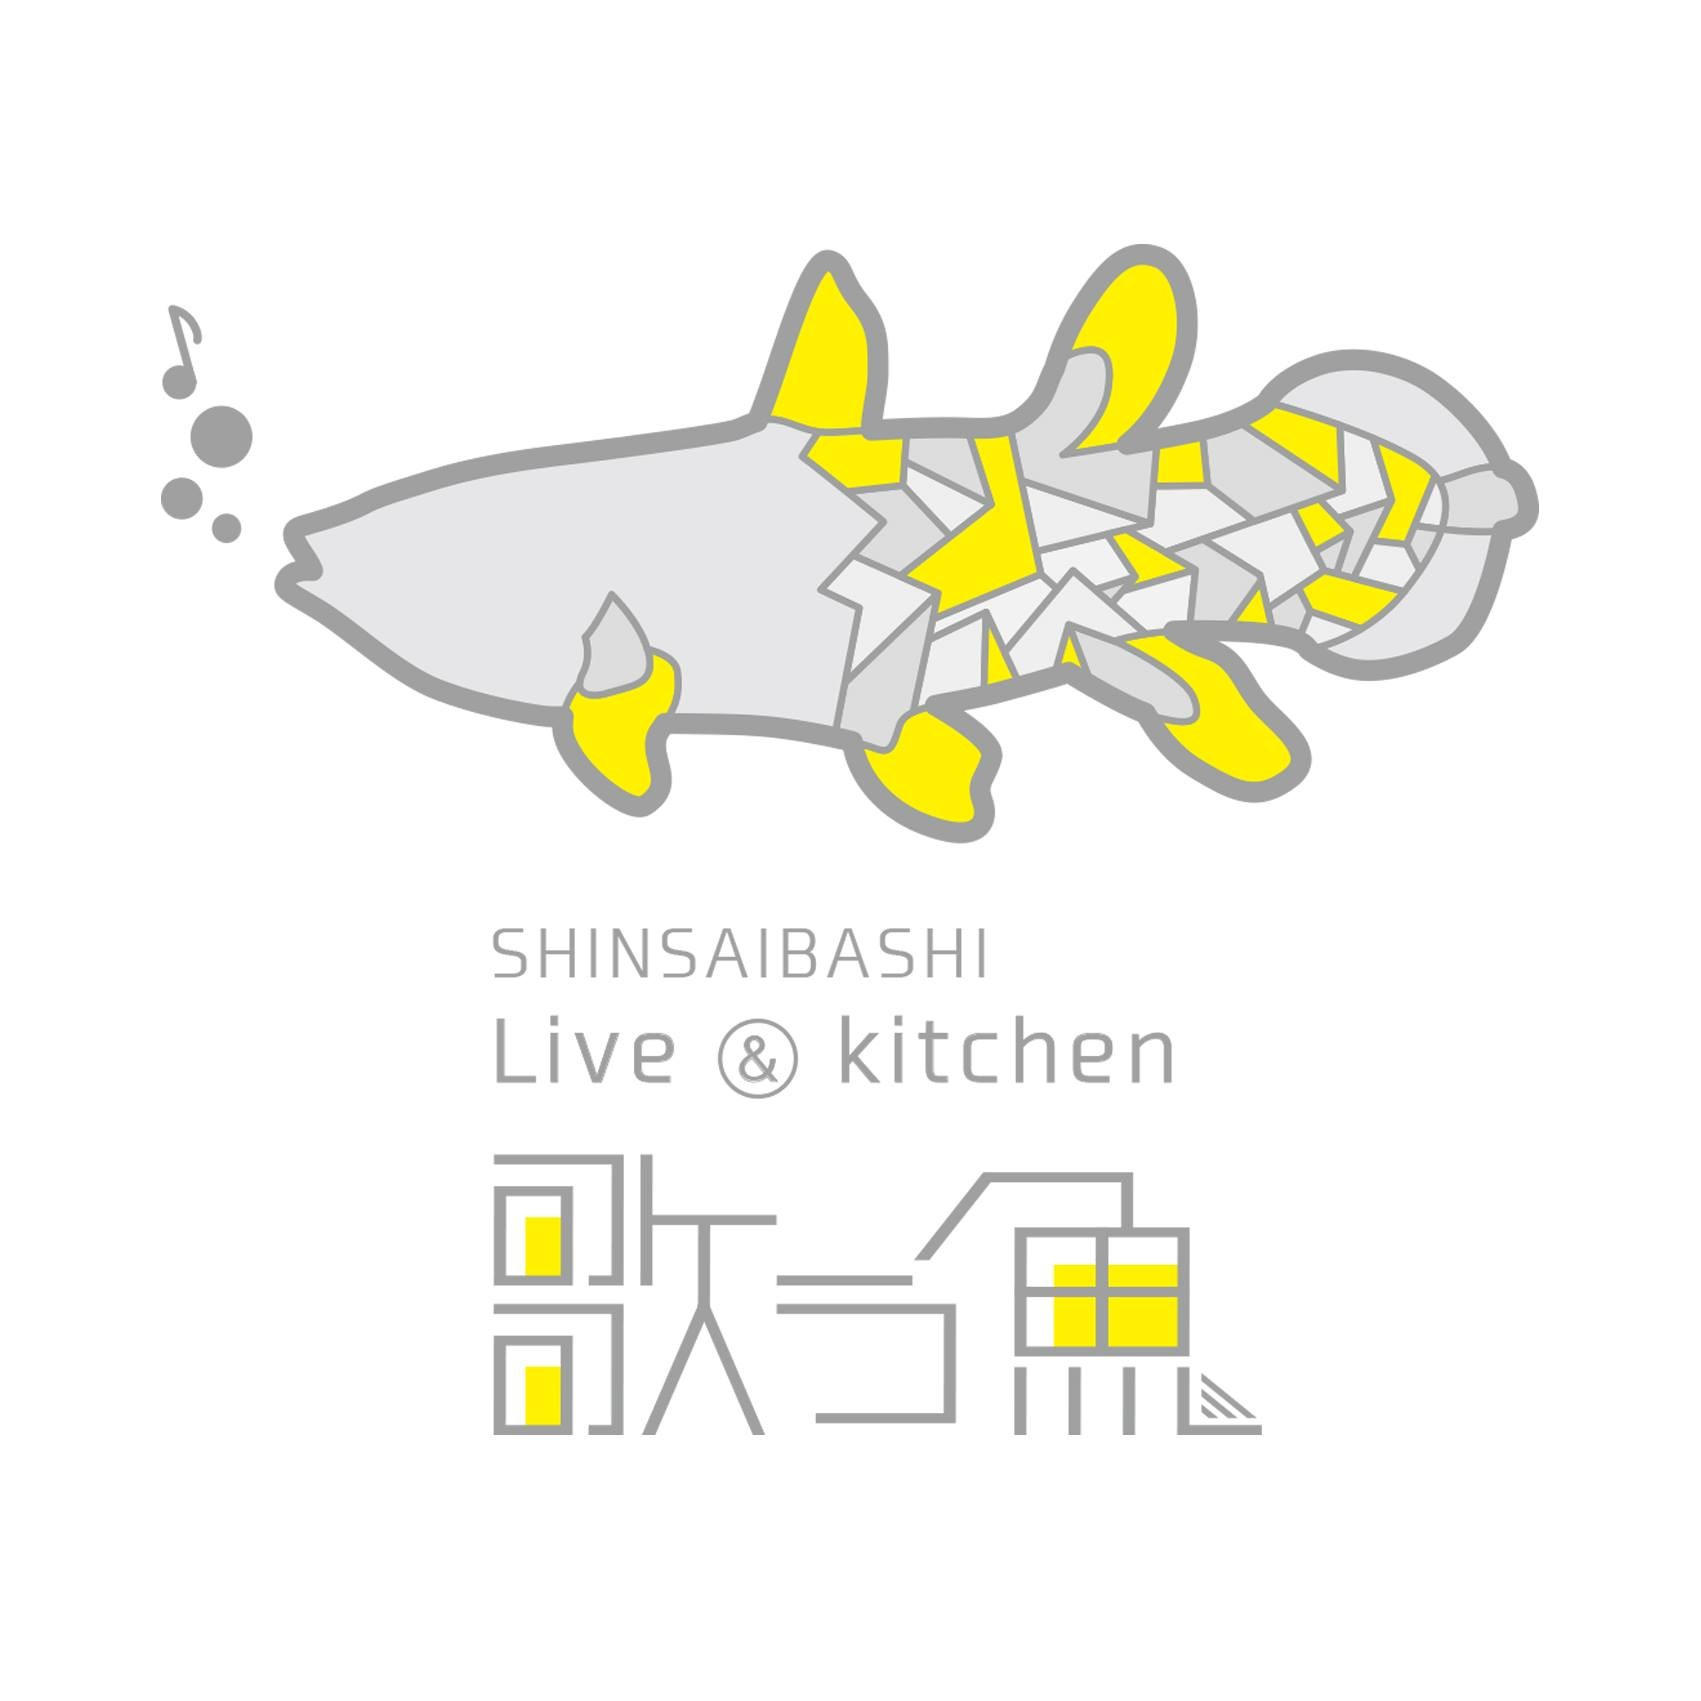 歌う魚【大阪】